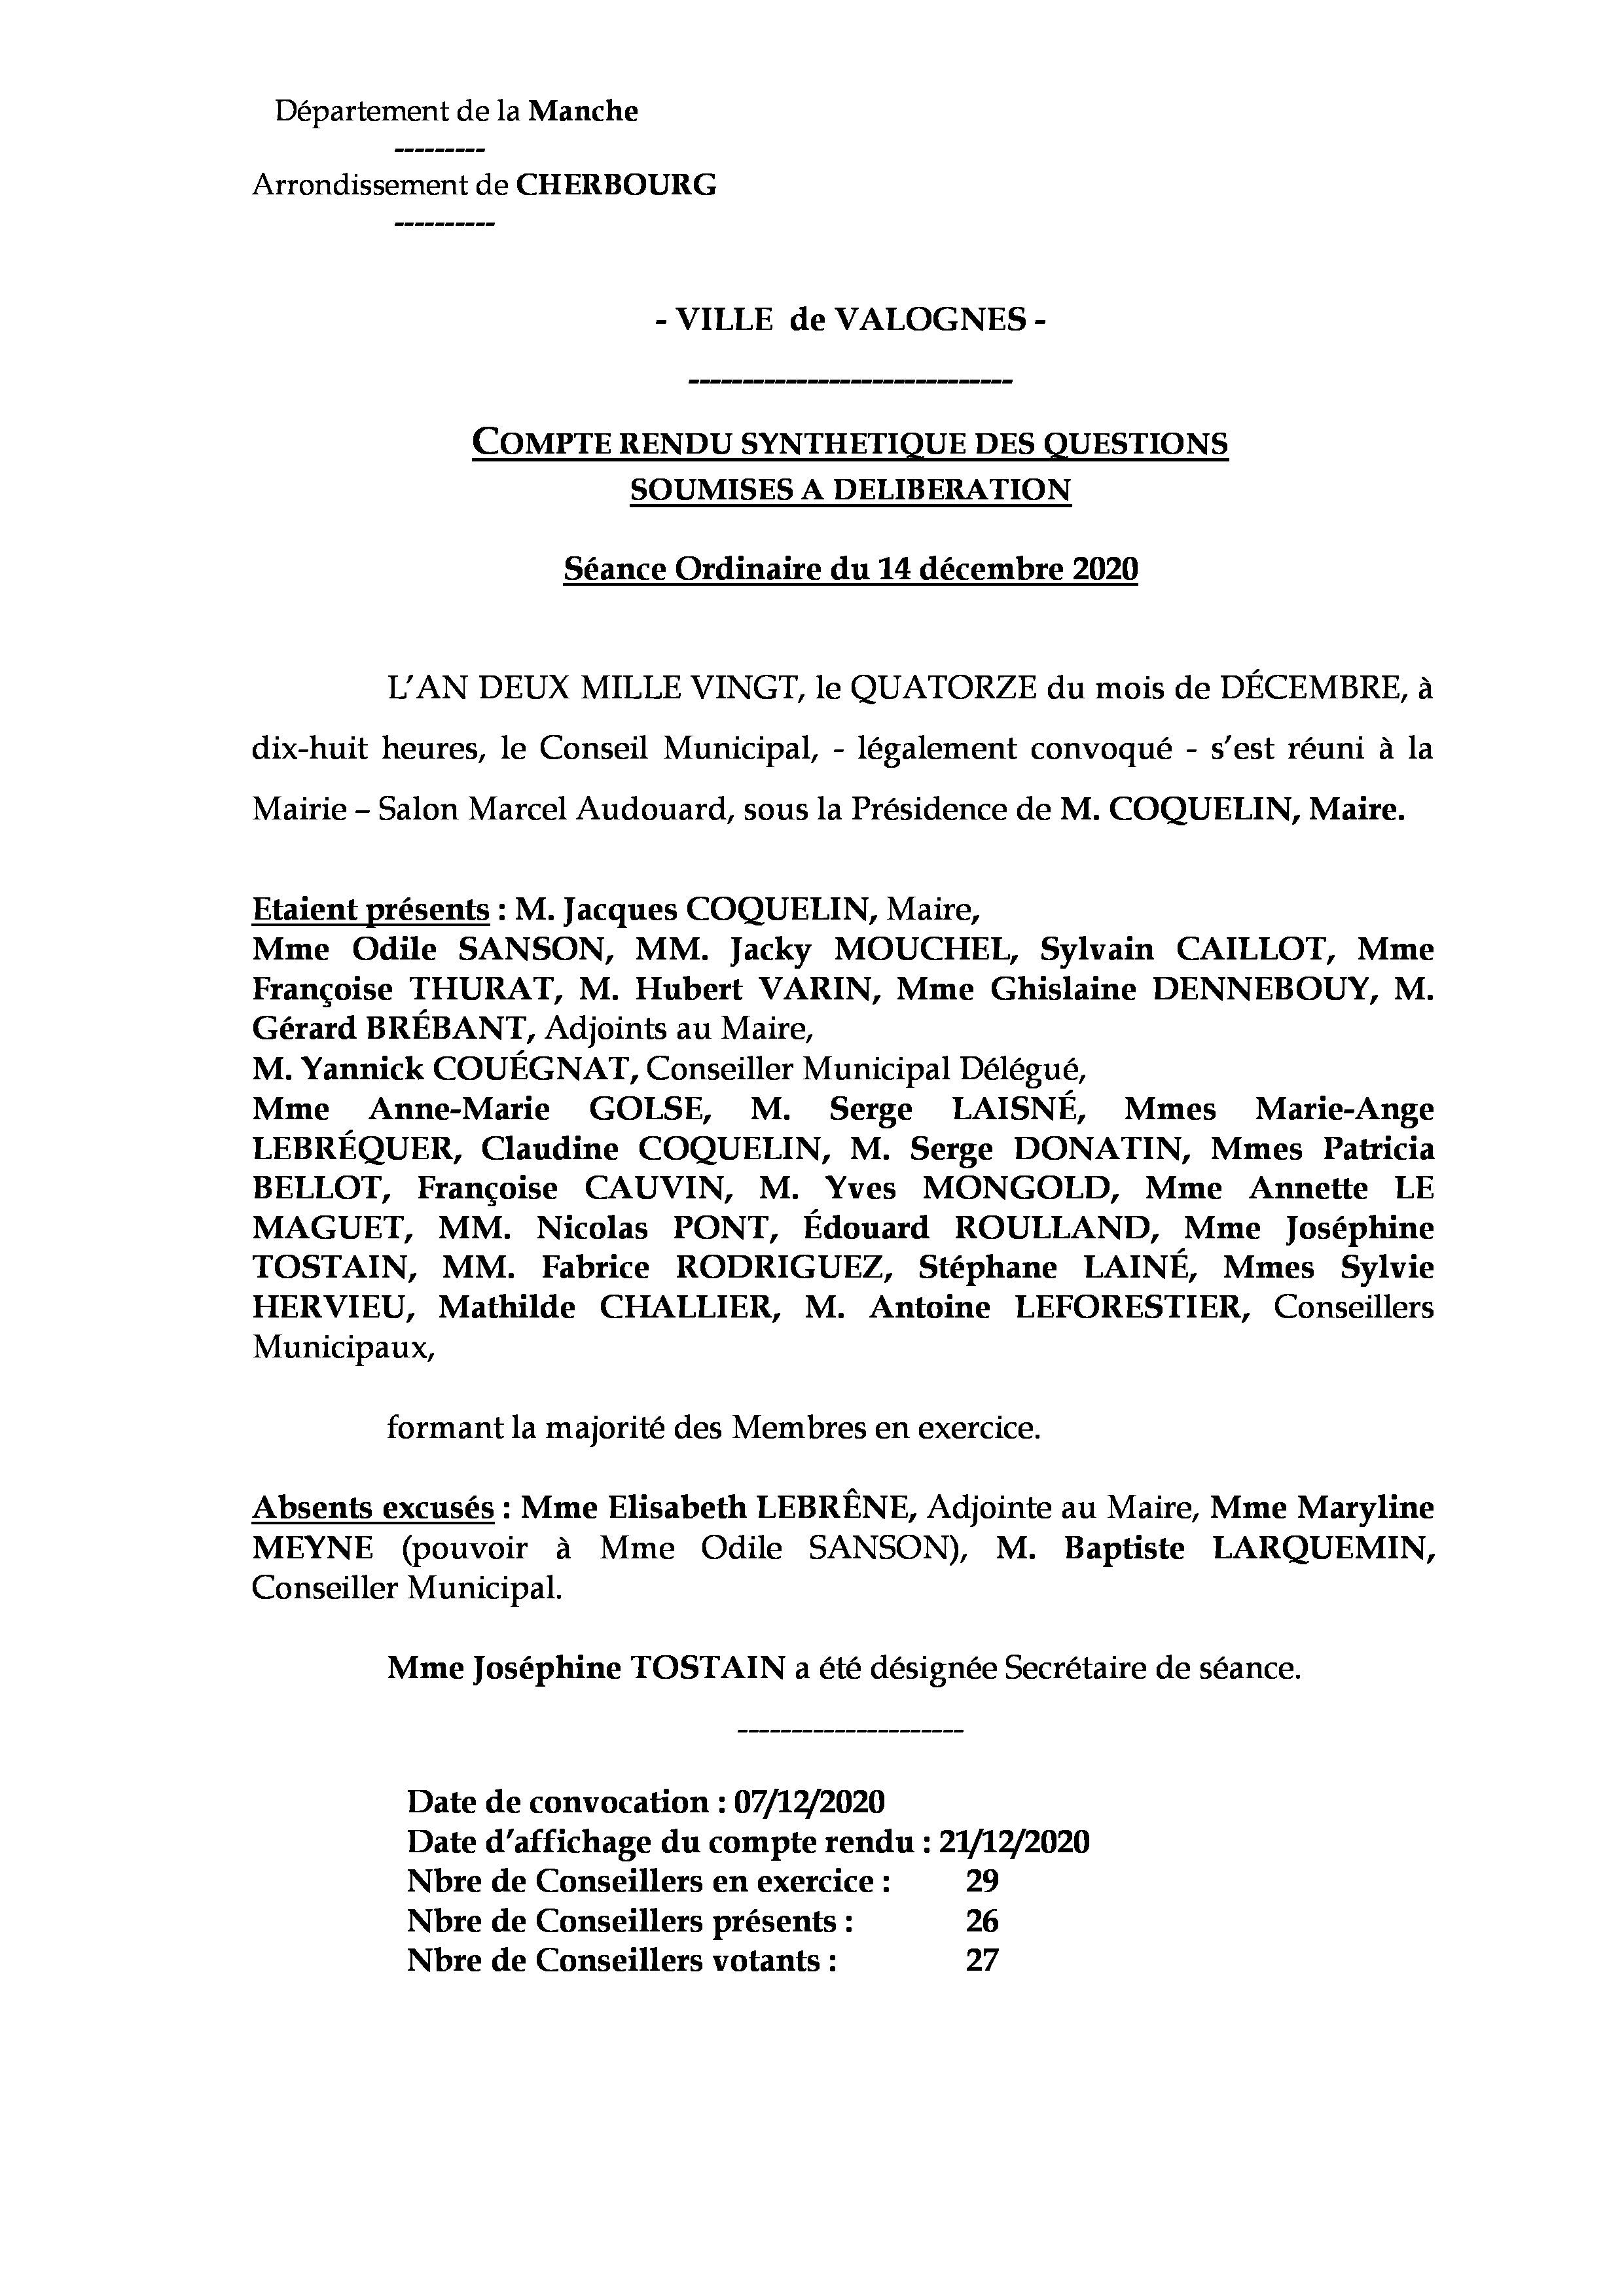 Compte rendu synthétique 14 12 20 - Compte rendu synthétique des questions soumises à délibération lors de la réunion du Conseil Municipal du 14 décembre 2020.